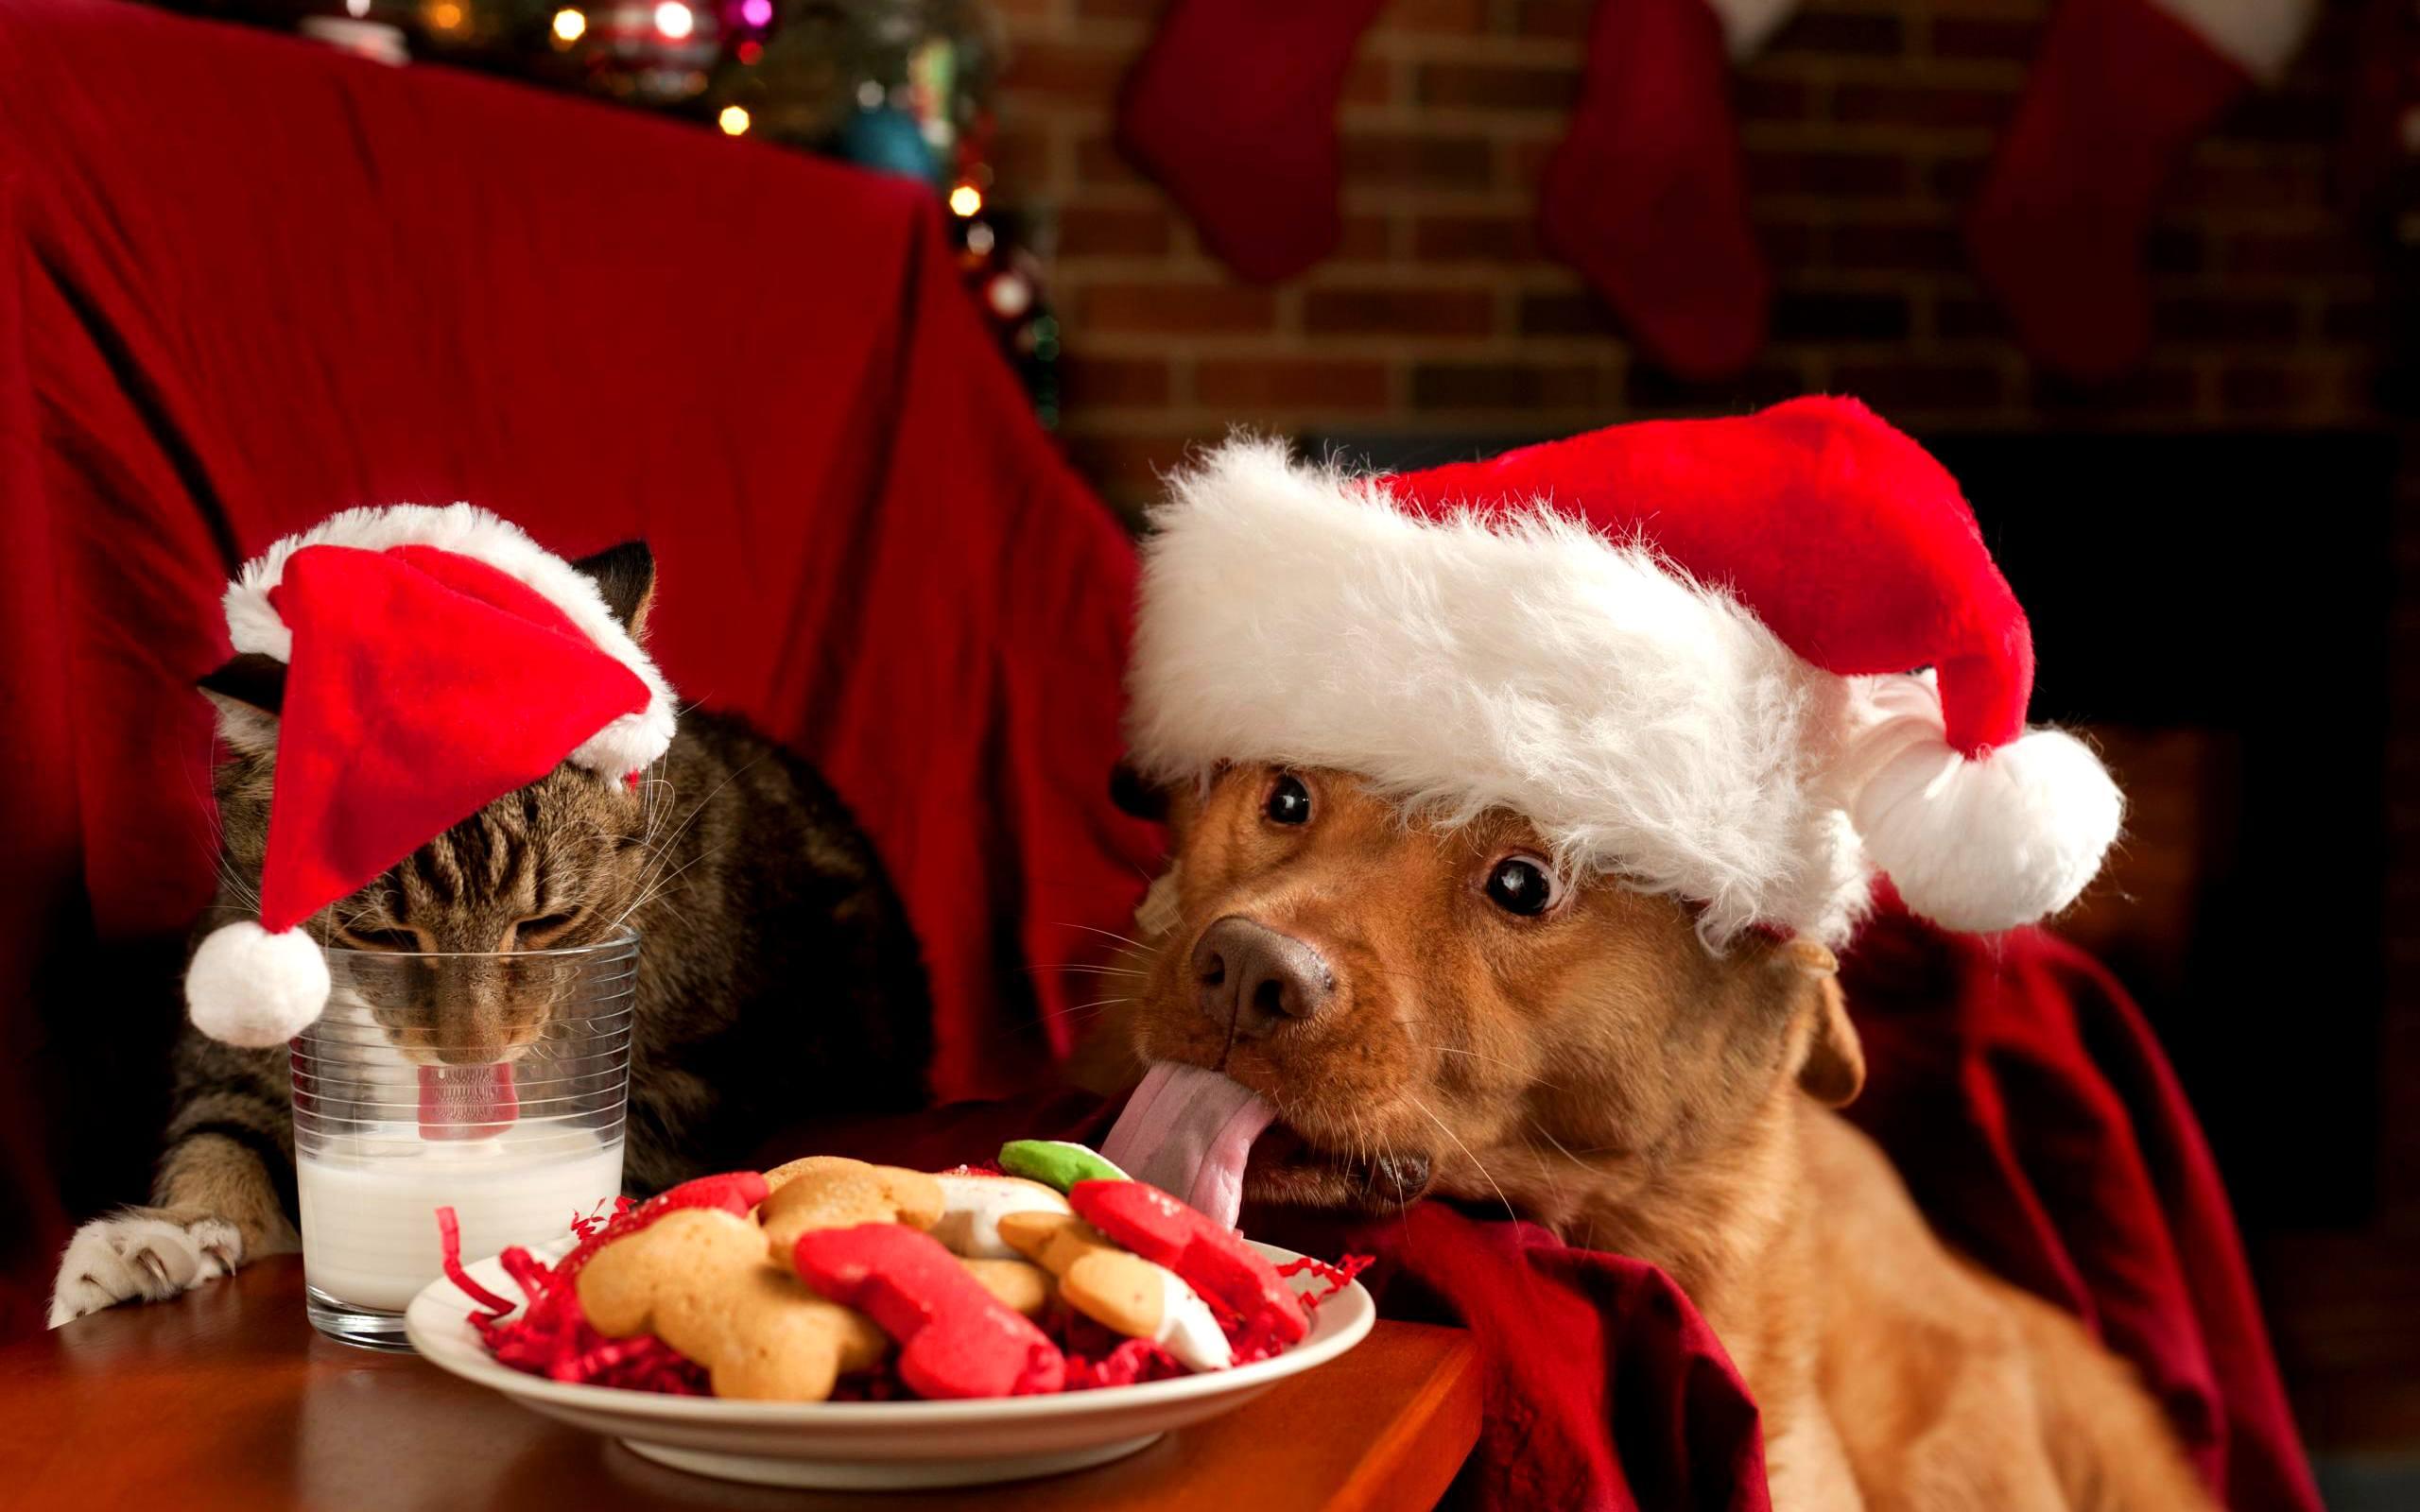 La Navidad y las mascotas - AnimalesMascotas